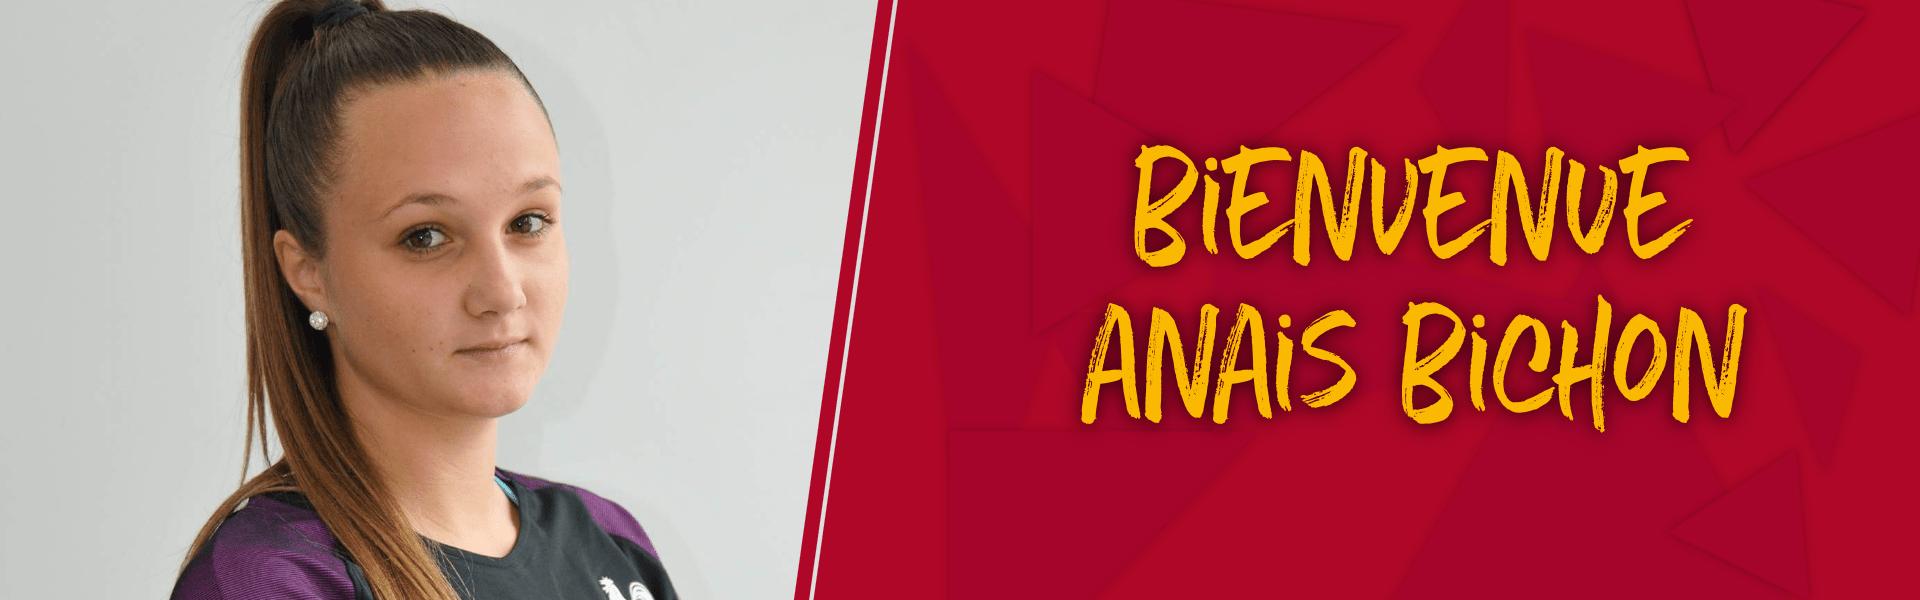 Transfert saison 2018/2019 Anais-Bichon-bandeau